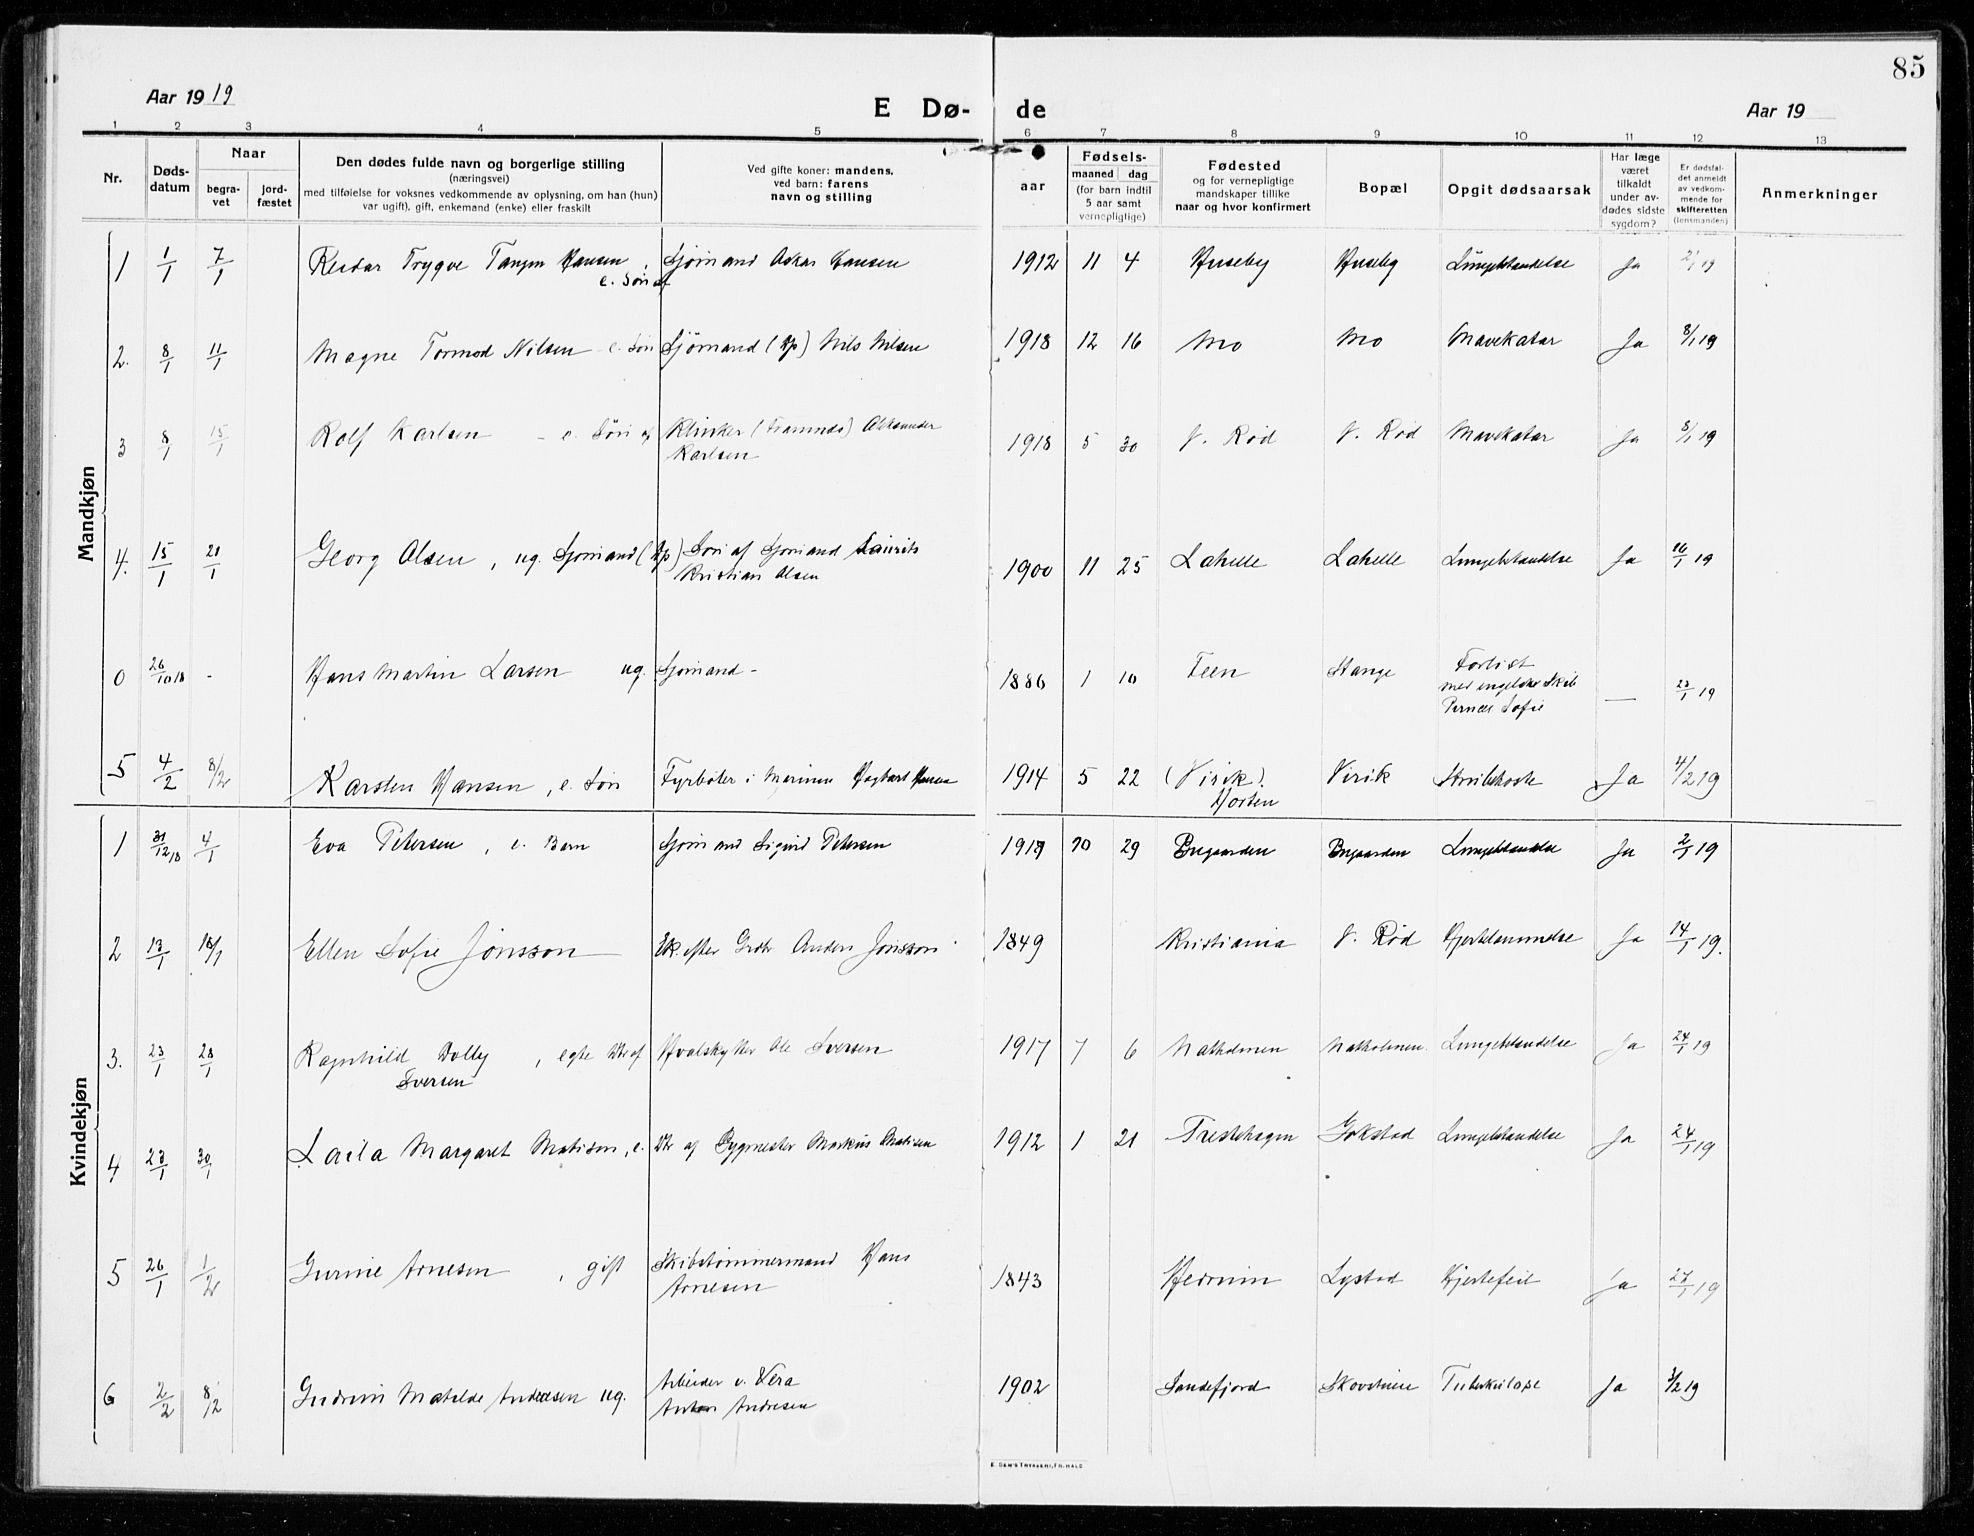 SAKO, Sandar kirkebøker, F/Fa/L0020: Ministerialbok nr. 20, 1915-1919, s. 85